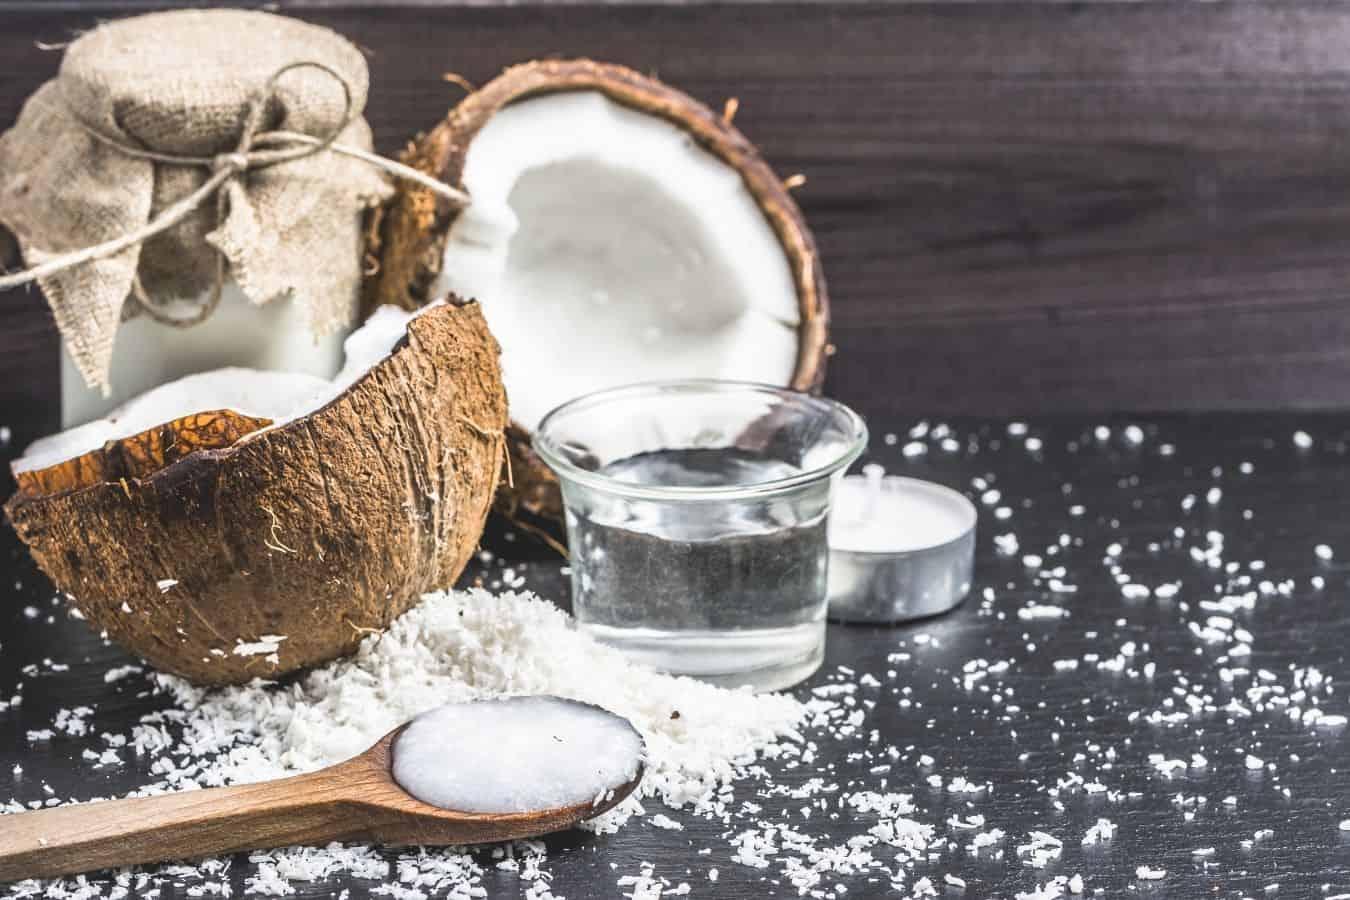 Shea Butter Vs Coconut Oil For Hair